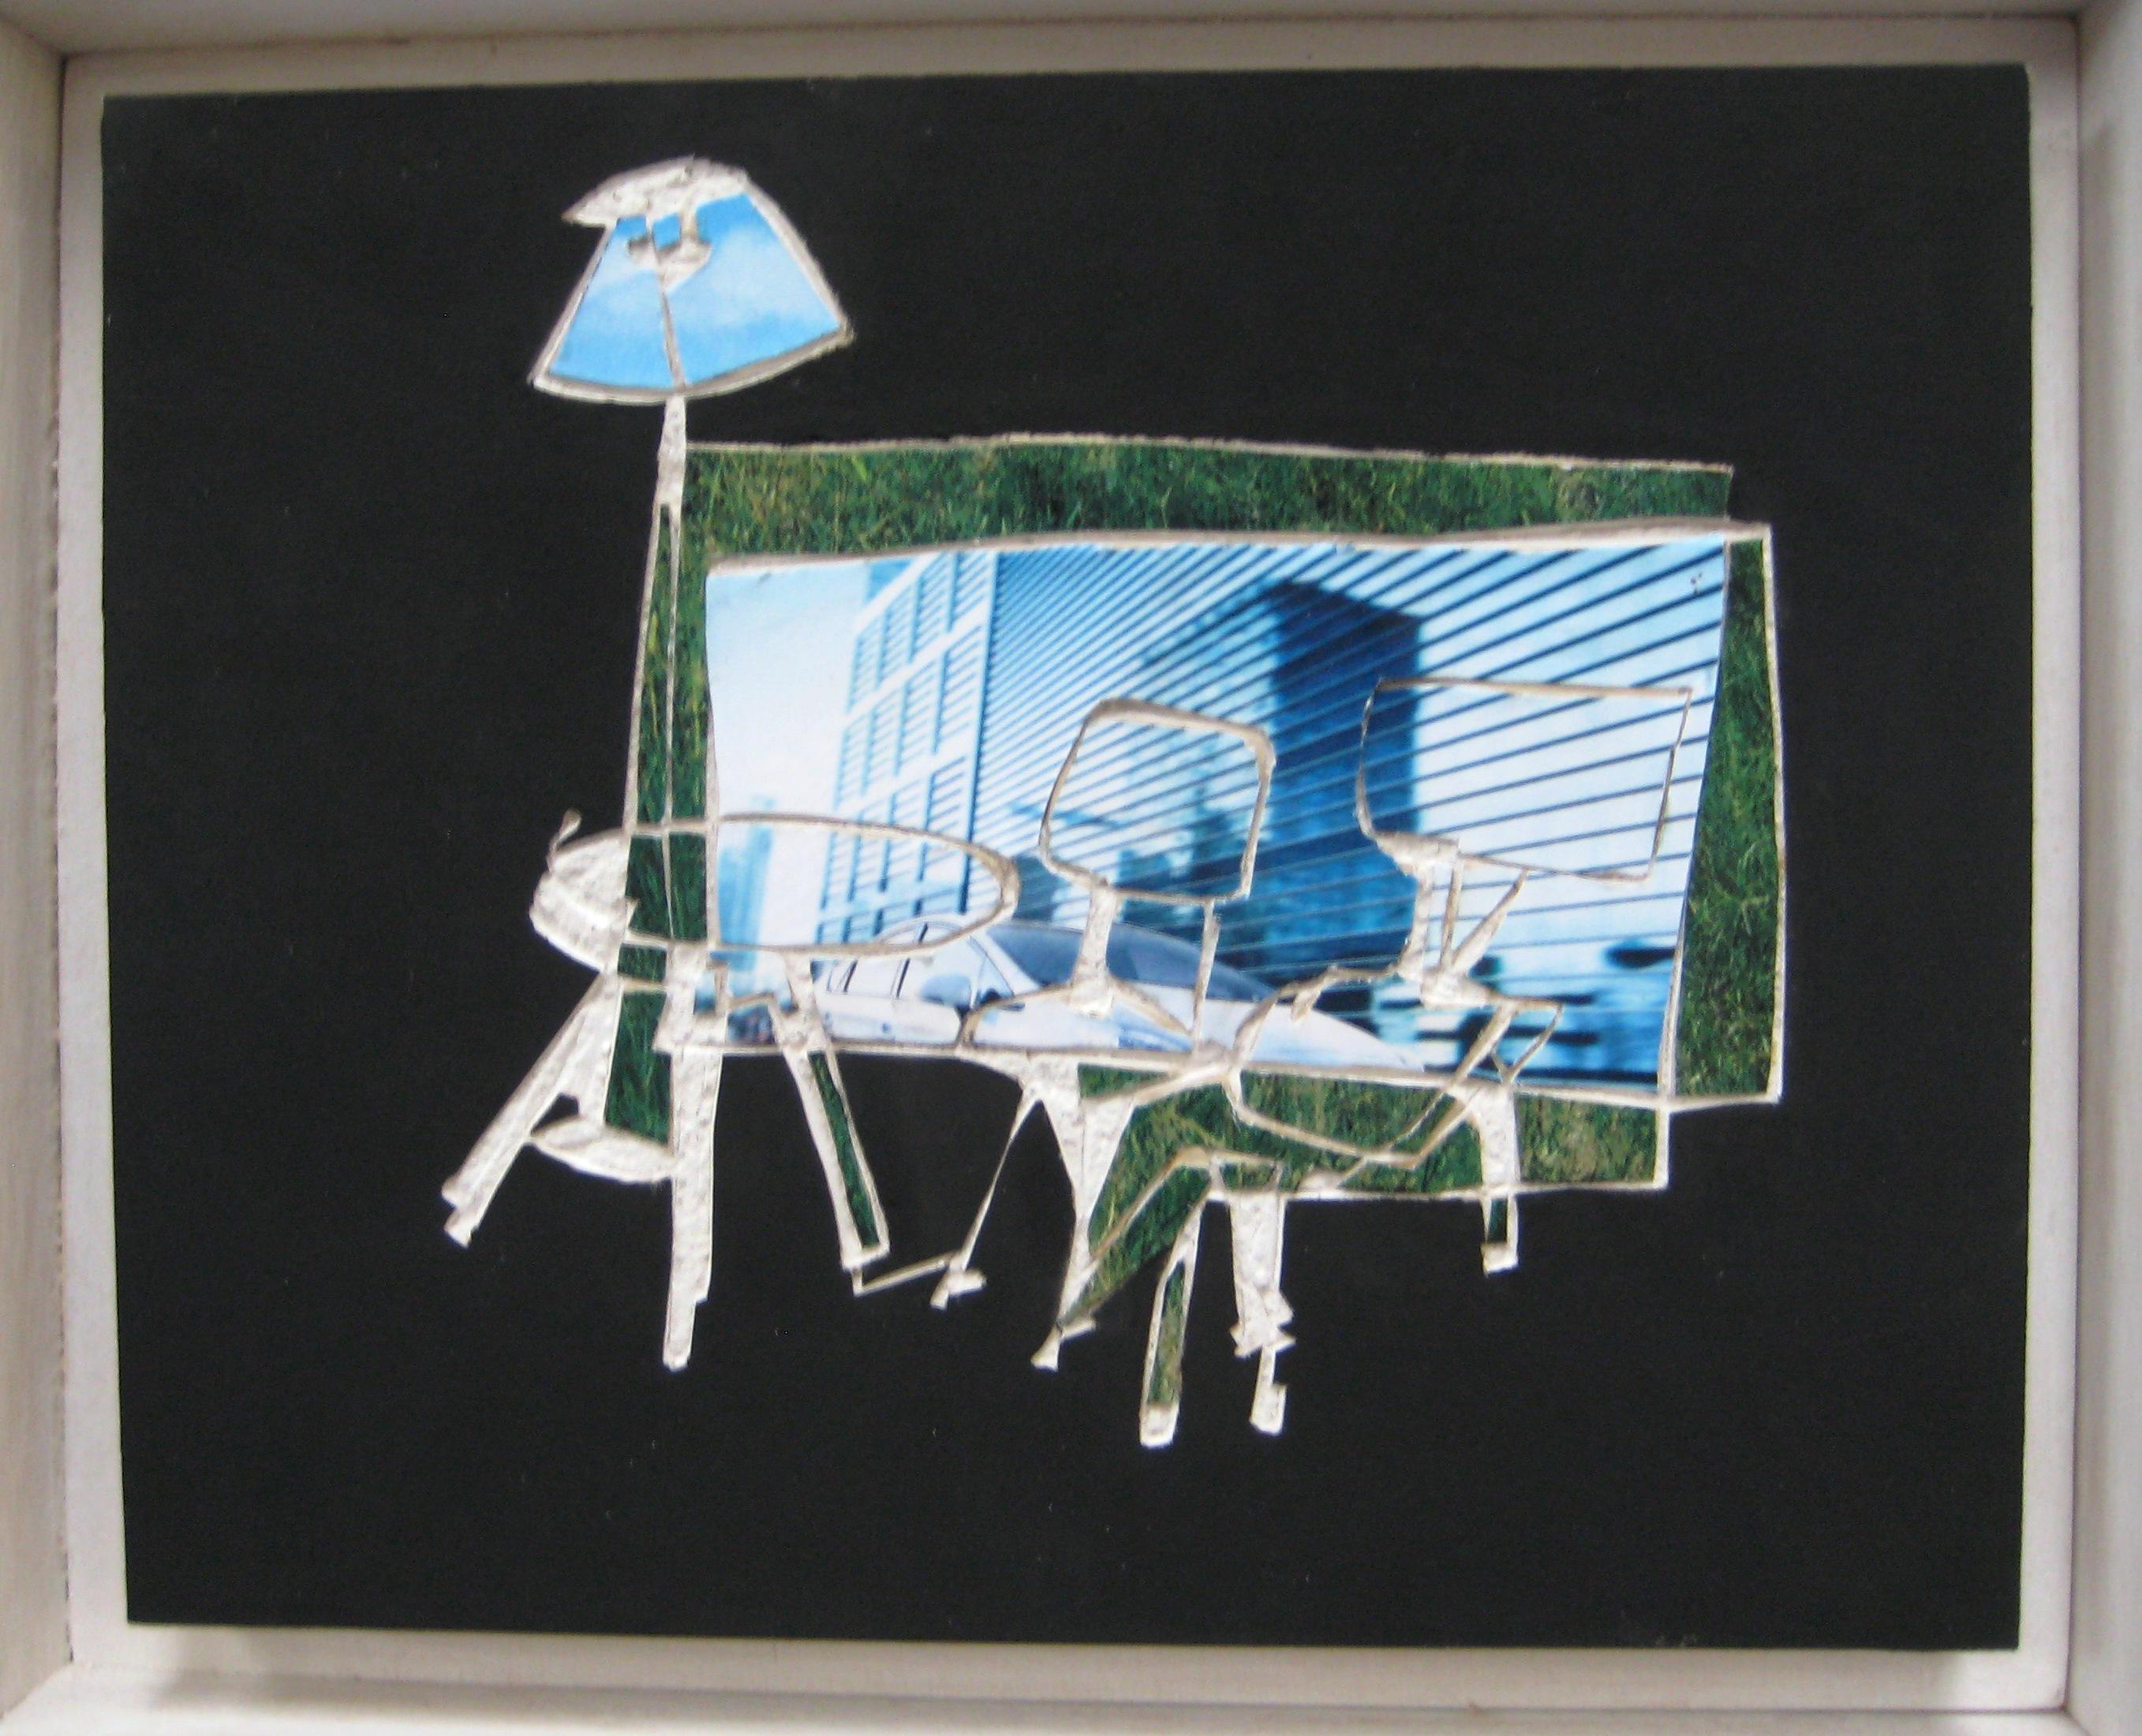 Huiskamertje, 2010, gipsplaatcollage 20x14 cm